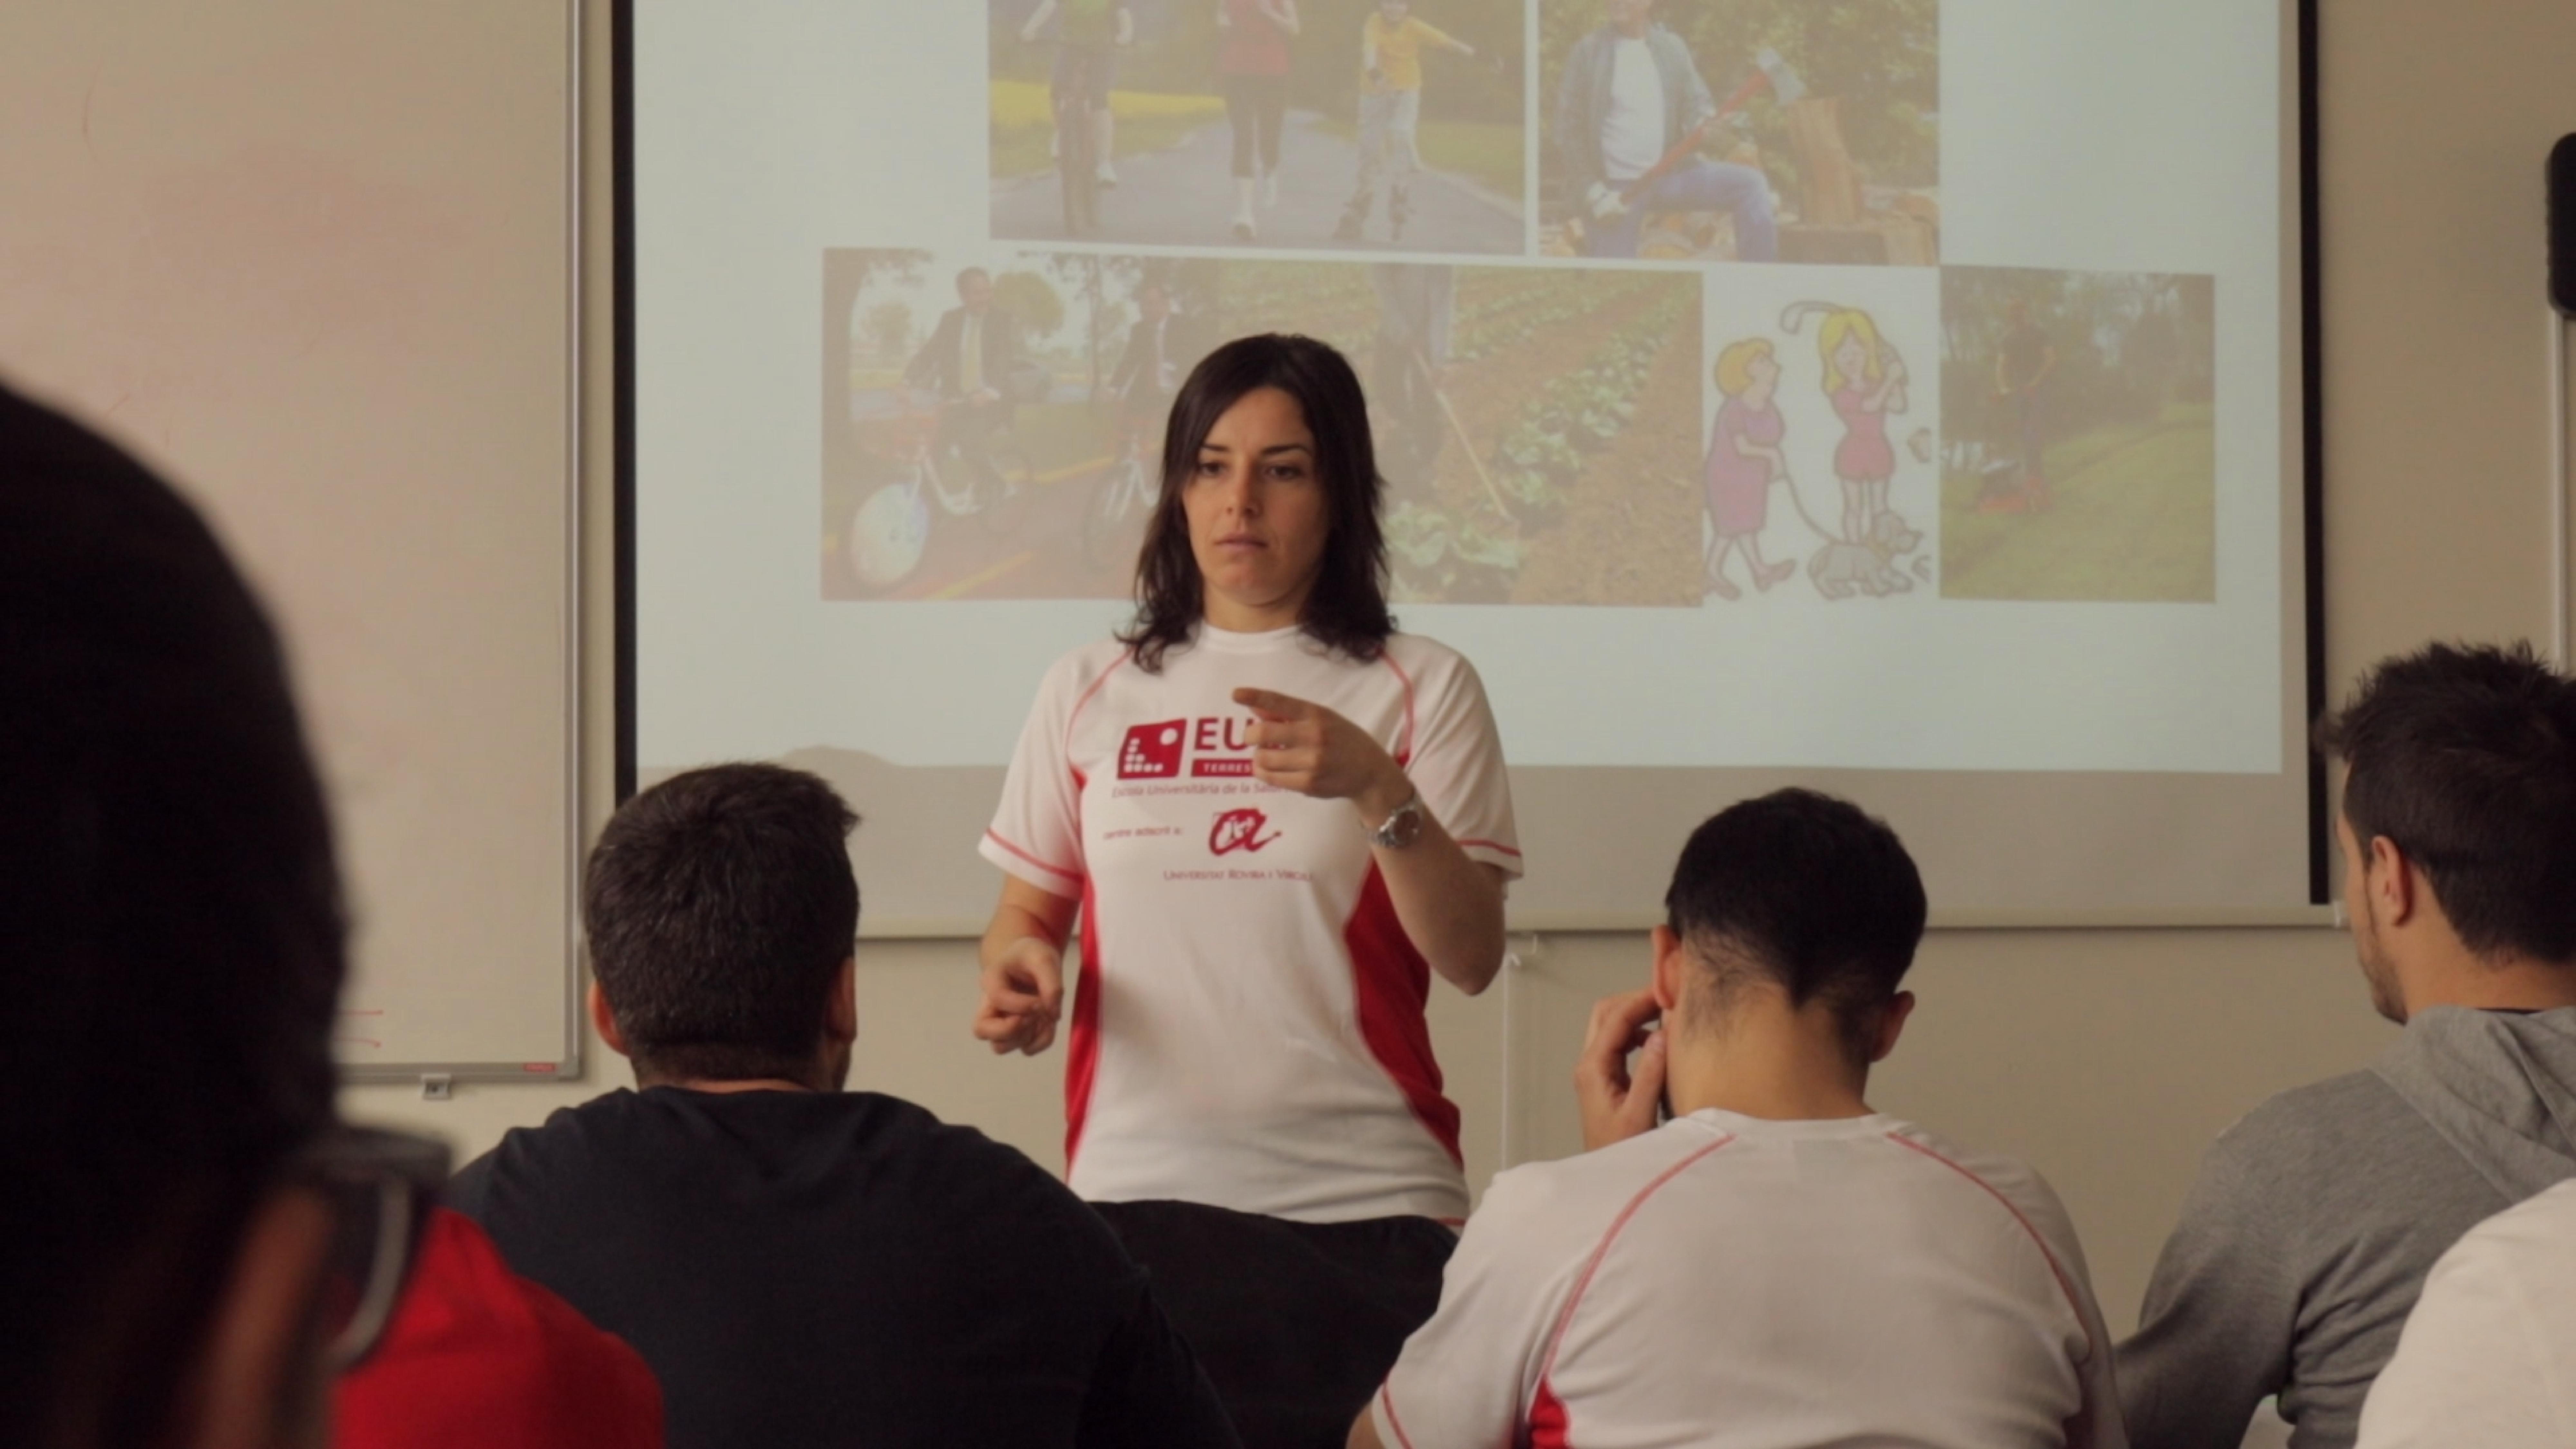 Com és l'itinerari acadèmic del Grau en Ciències de l'Activitat Física i l'Esport d'EUSES Terres de l'Ebre?